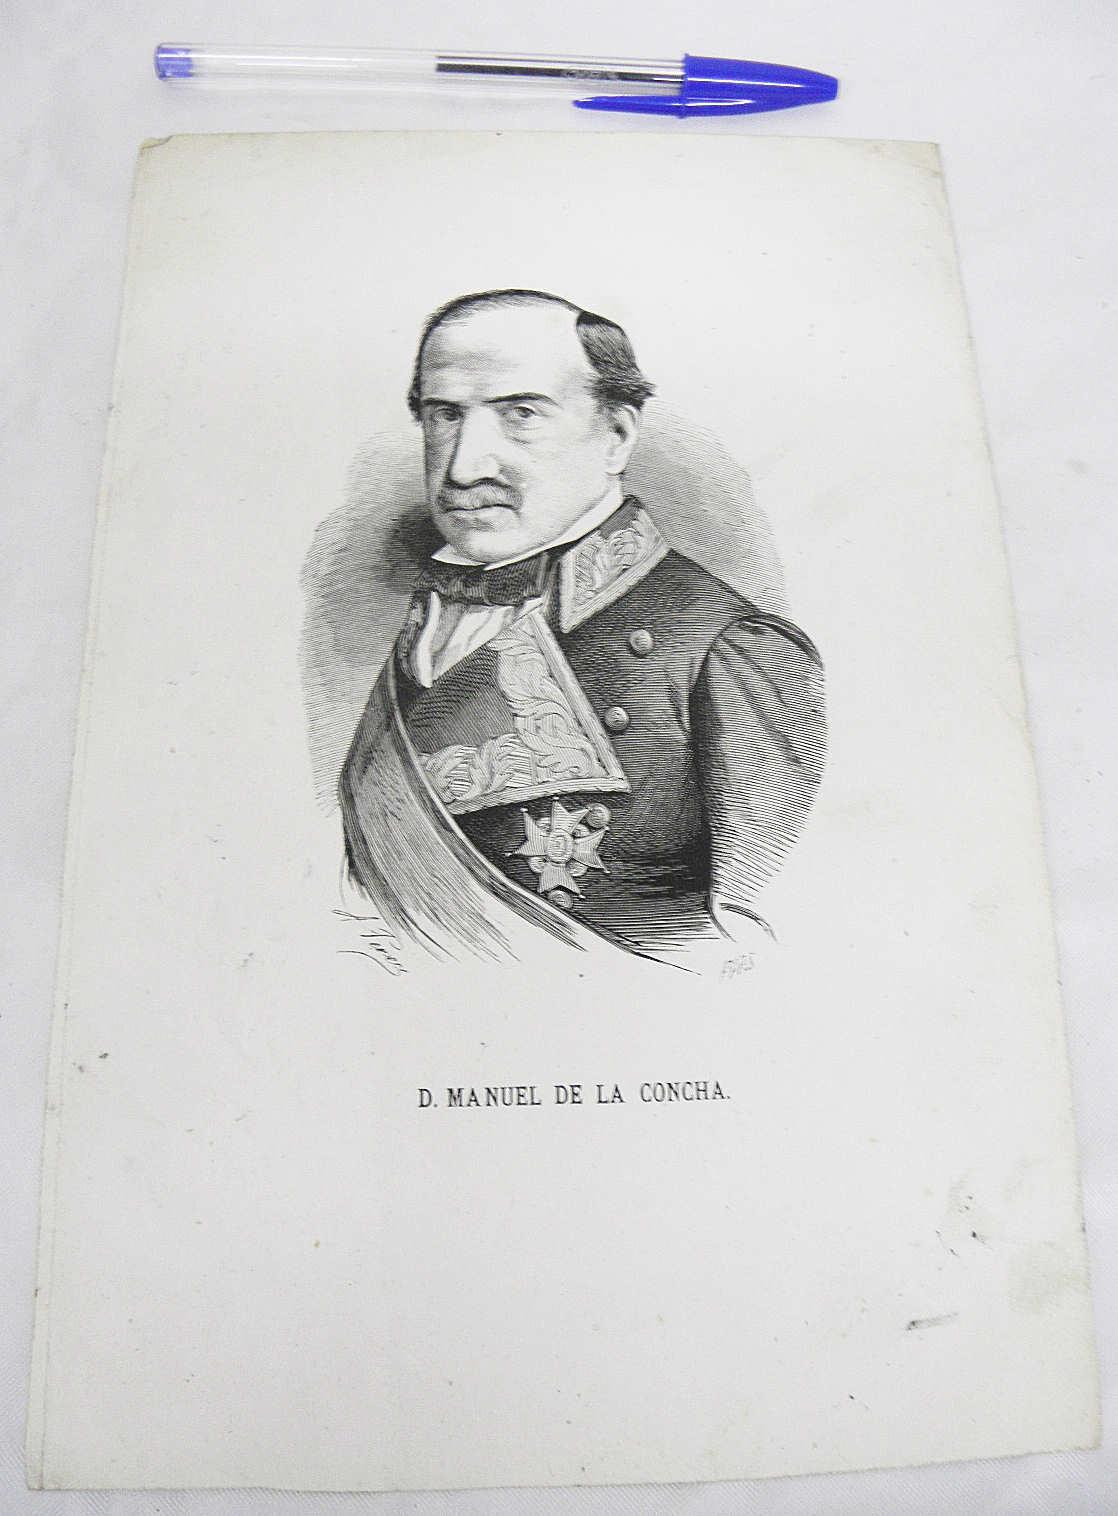 LP-D-MANUEL-DE-LA-CONCHA